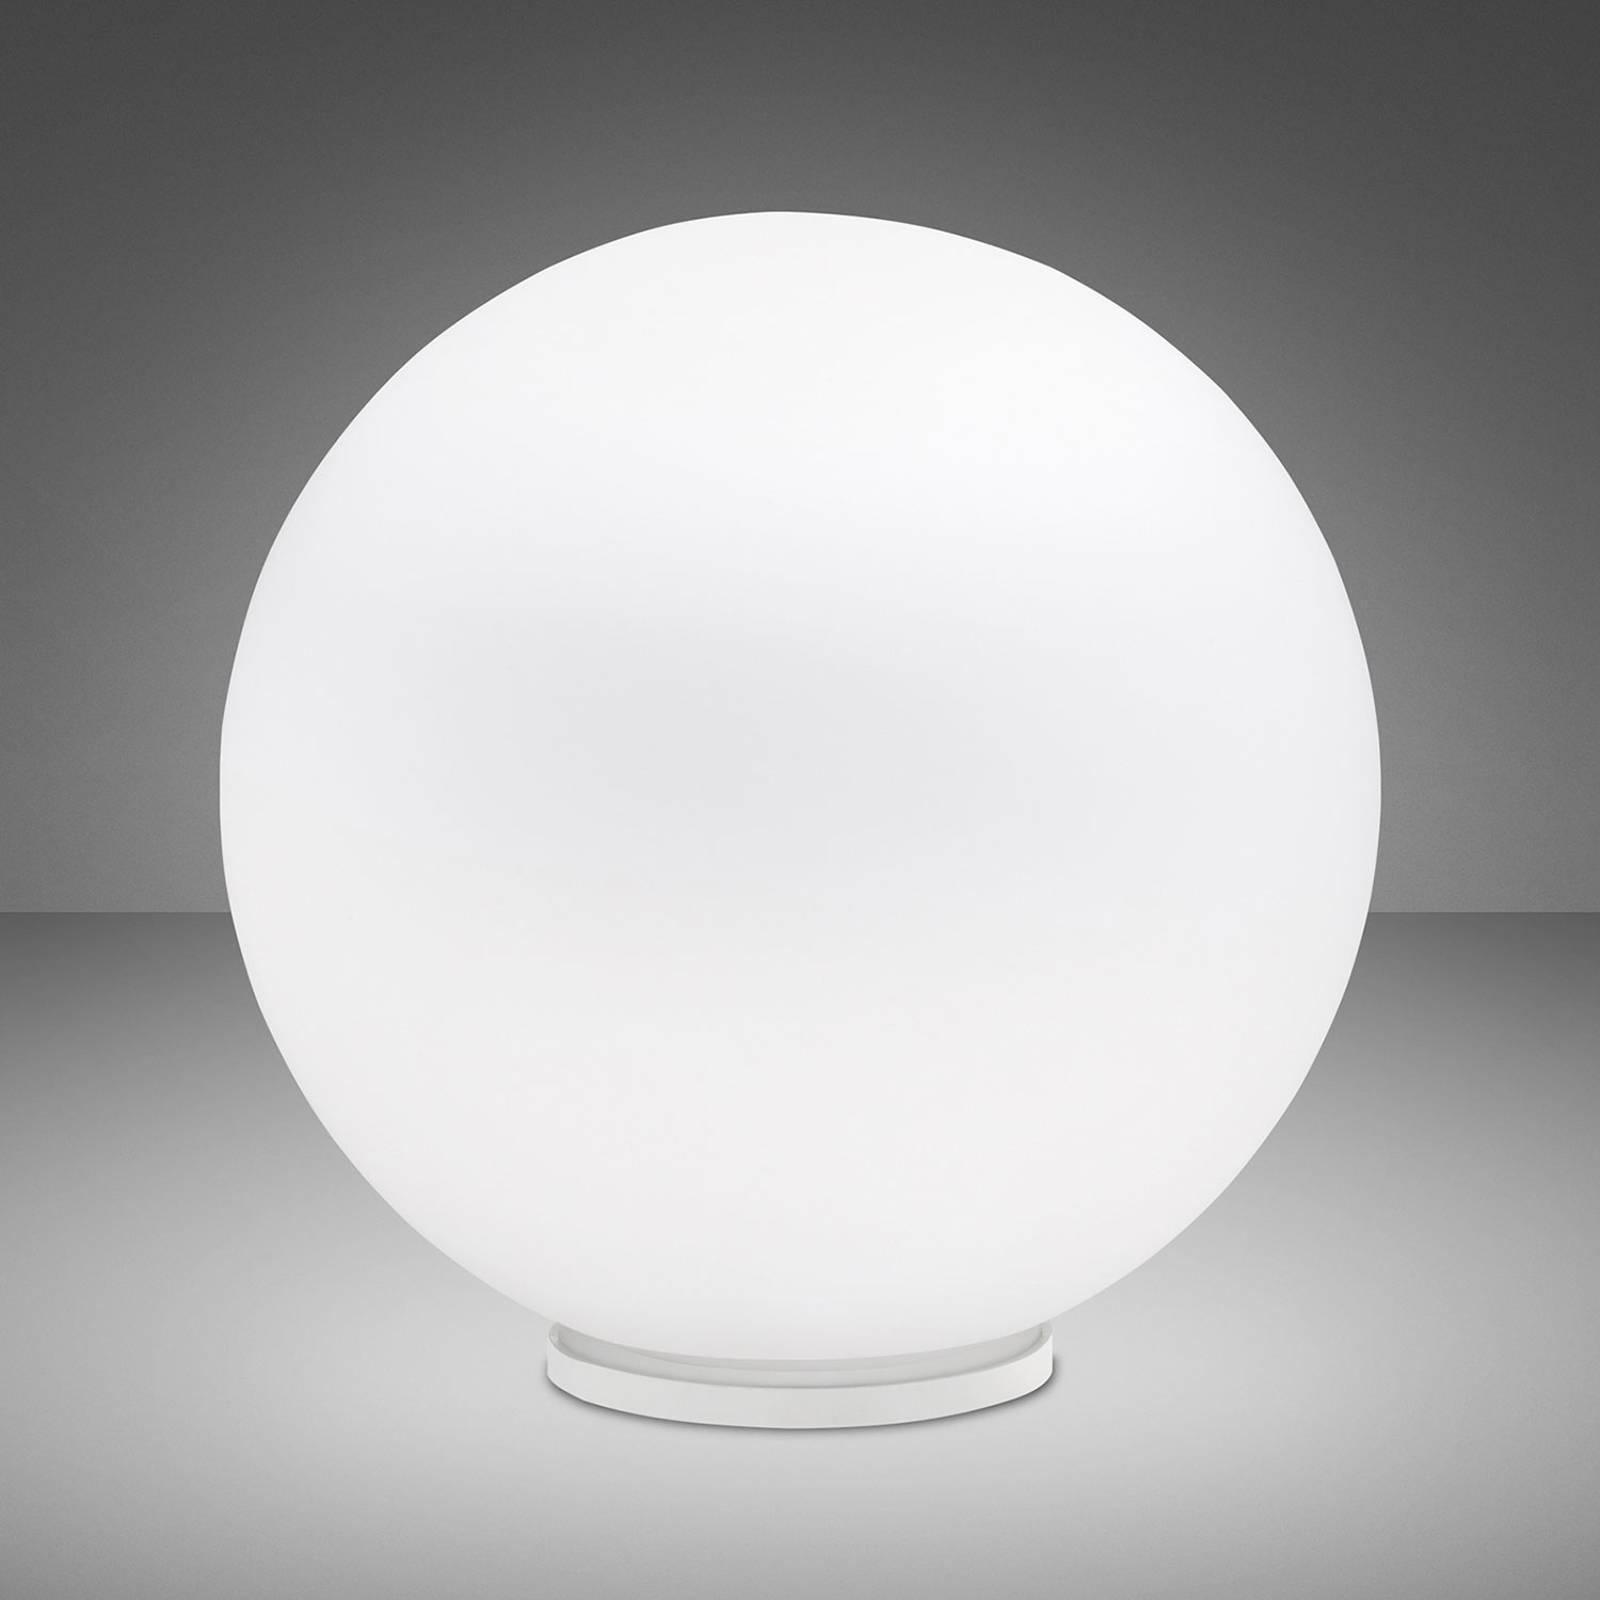 Fabbian Lumi Sfera tafellamp, liggend, Ø 40 cm